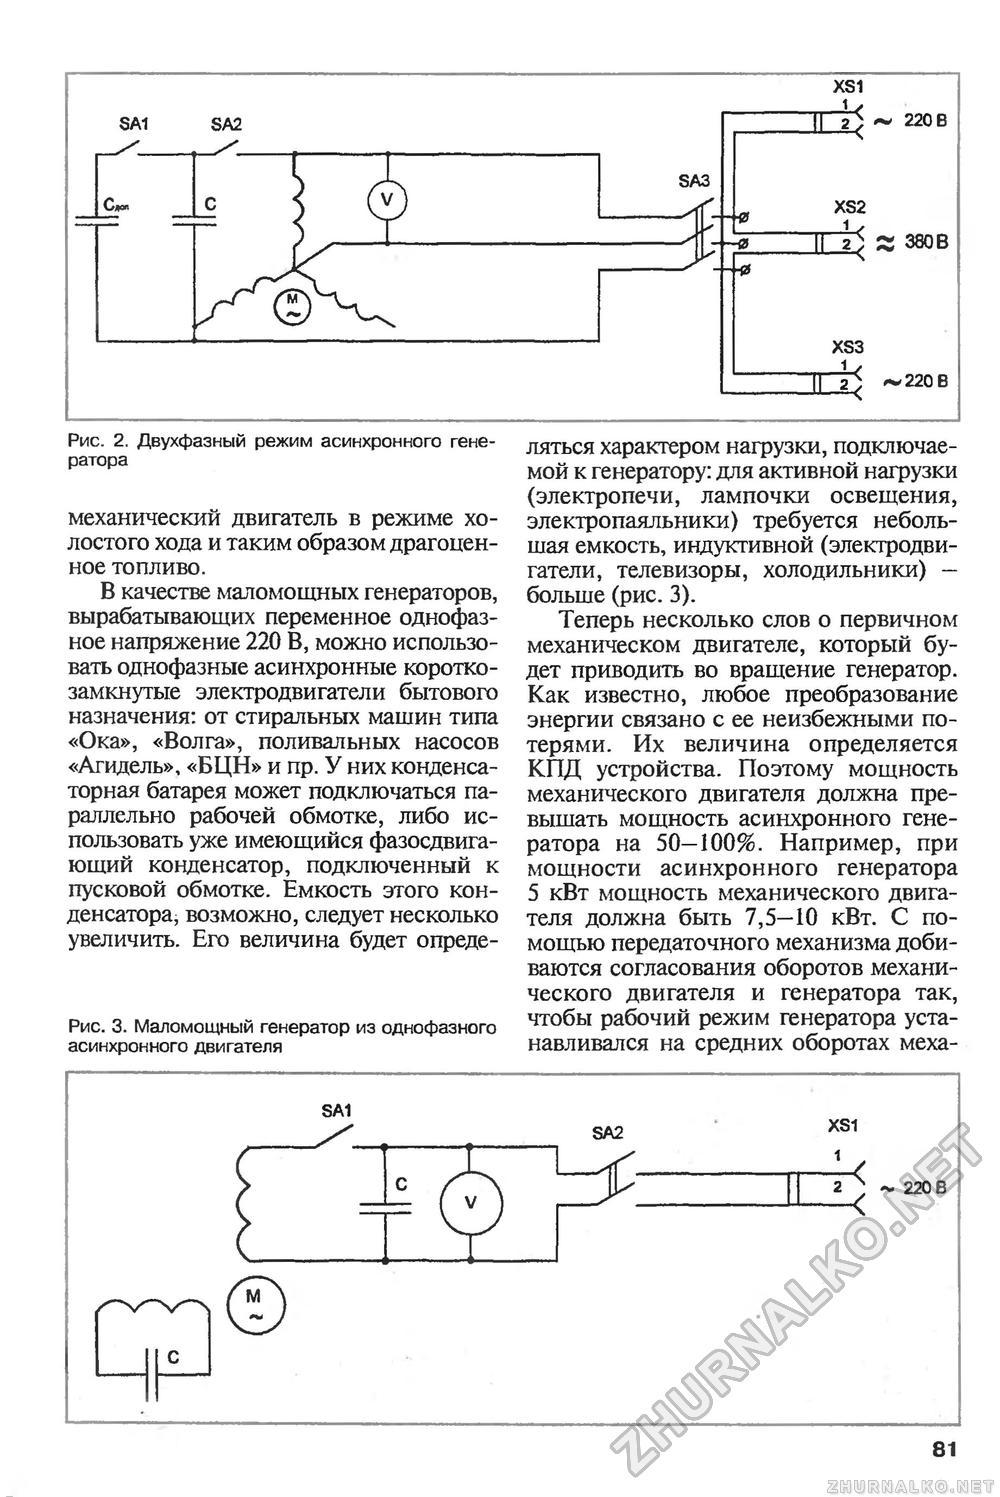 Как изготовить генератор из асинхронного двигателя